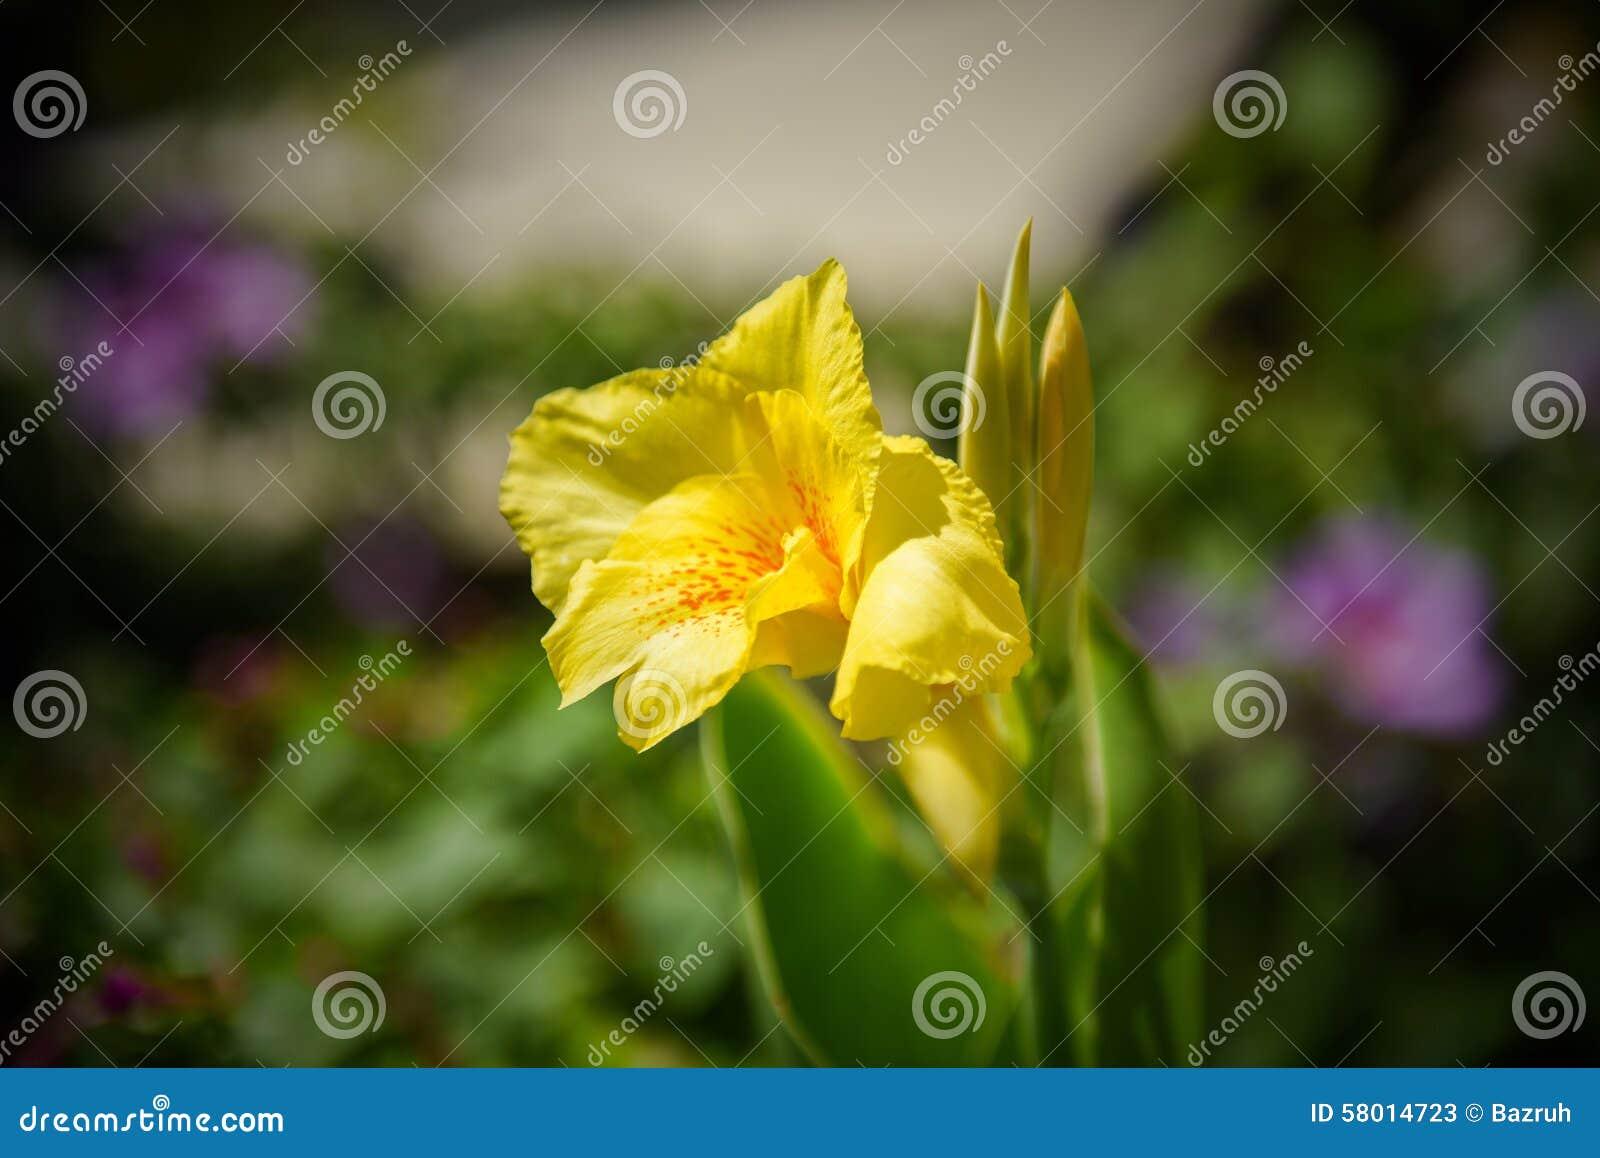 flor de jardim amarela:Cannes Amarela Bonita Em Um Jardim Foto de Stock – Imagem: 58014723